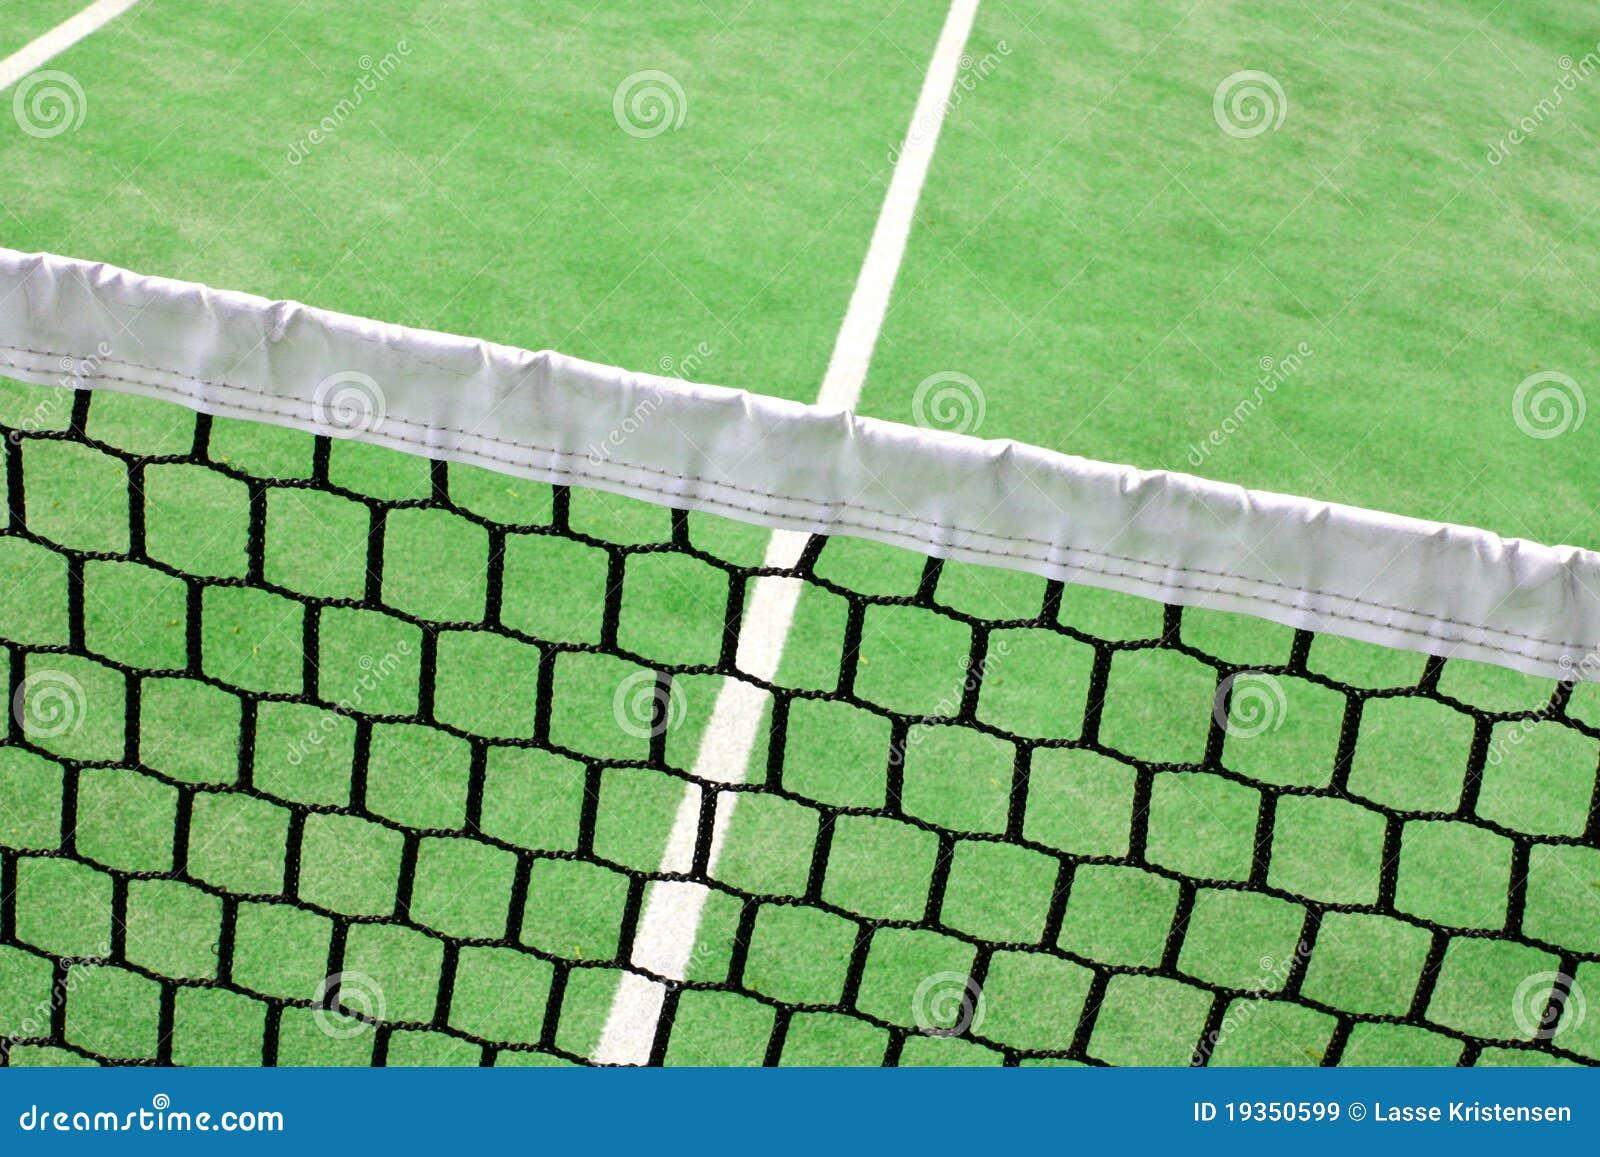 Detalhe em uma corte de tênis